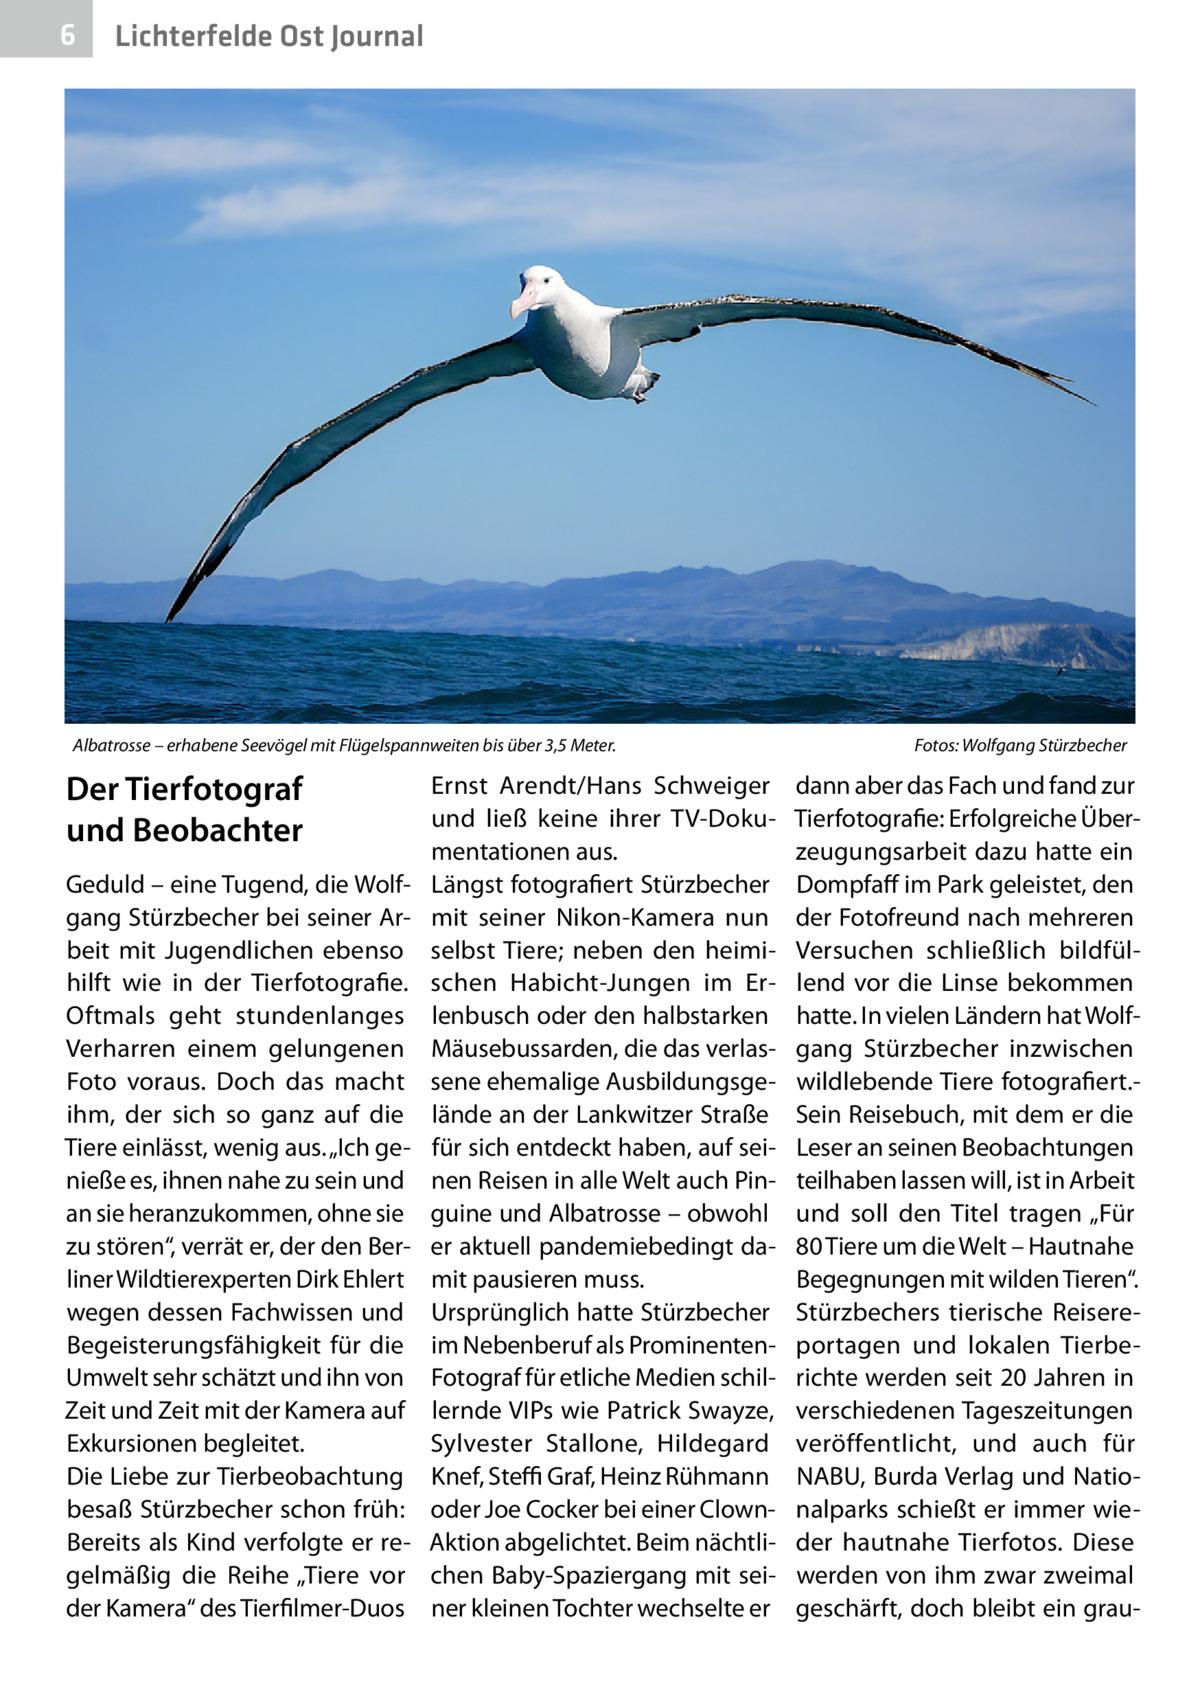 """6  Lichterfelde Ost Journal  Albatrosse – erhabene Seevögel mit Flügelspannweiten bis über 3,5Meter.�  Der Tierfotograf und Beobachter Geduld – eine Tugend, die Wolfgang Stürzbecher bei seiner Arbeit mit Jugendlichen ebenso hilft wie in der Tierfotografie. Oftmals geht stundenlanges Verharren einem gelungenen Foto voraus. Doch das macht ihm, der sich so ganz auf die Tiere einlässt, wenig aus. """"Ich genieße es, ihnen nahe zu sein und an sie heranzukommen, ohne sie zu stören"""", verrät er, der den Berliner Wildtierexperten Dirk Ehlert wegen dessen Fachwissen und Begeisterungsfähigkeit für die Umwelt sehr schätzt und ihn von Zeit und Zeit mit der Kamera auf Exkursionen begleitet. Die Liebe zur Tierbeobachtung besaß Stürzbecher schon früh: Bereits als Kind verfolgte er regelmäßig die Reihe """"Tiere vor der Kamera"""" des Tierfilmer-Duos  Ernst Arendt/Hans Schweiger und ließ keine ihrer TV-Dokumentationen aus. Längst fotografiert Stürzbecher mit seiner Nikon-Kamera nun selbst Tiere; neben den heimischen Habicht-Jungen im Erlenbusch oder den halbstarken Mäusebussarden, die das verlassene ehemalige Ausbildungsgelände an der Lankwitzer Straße für sich entdeckt haben, auf seinen Reisen in alle Welt auch Pinguine und Albatrosse – obwohl er aktuell pandemiebedingt damit pausieren muss. Ursprünglich hatte Stürzbecher im Nebenberuf als ProminentenFotograf für etliche Medien schillernde VIPs wie Patrick Swayze, Sylvester Stallone, Hildegard Knef, Steffi Graf, Heinz Rühmann oder Joe Cocker bei einer ClownAktion abgelichtet. Beim nächtlichen Baby-Spaziergang mit seiner kleinen Tochter wechselte er  Fotos: Wolfgang Stürzbecher  dann aber das Fach und fand zur Tierfotografie: Erfolgreiche Überzeugungsarbeit dazu hatte ein Dompfaff im Park geleistet, den der Fotofreund nach mehreren Versuchen schließlich bildfüllend vor die Linse bekommen hatte. In vielen Ländern hat Wolfgang Stürzbecher inzwischen wildlebende Tiere fotografiert.Sein Reisebuch, mit dem er die Leser an seinen Beobachtungen tei"""